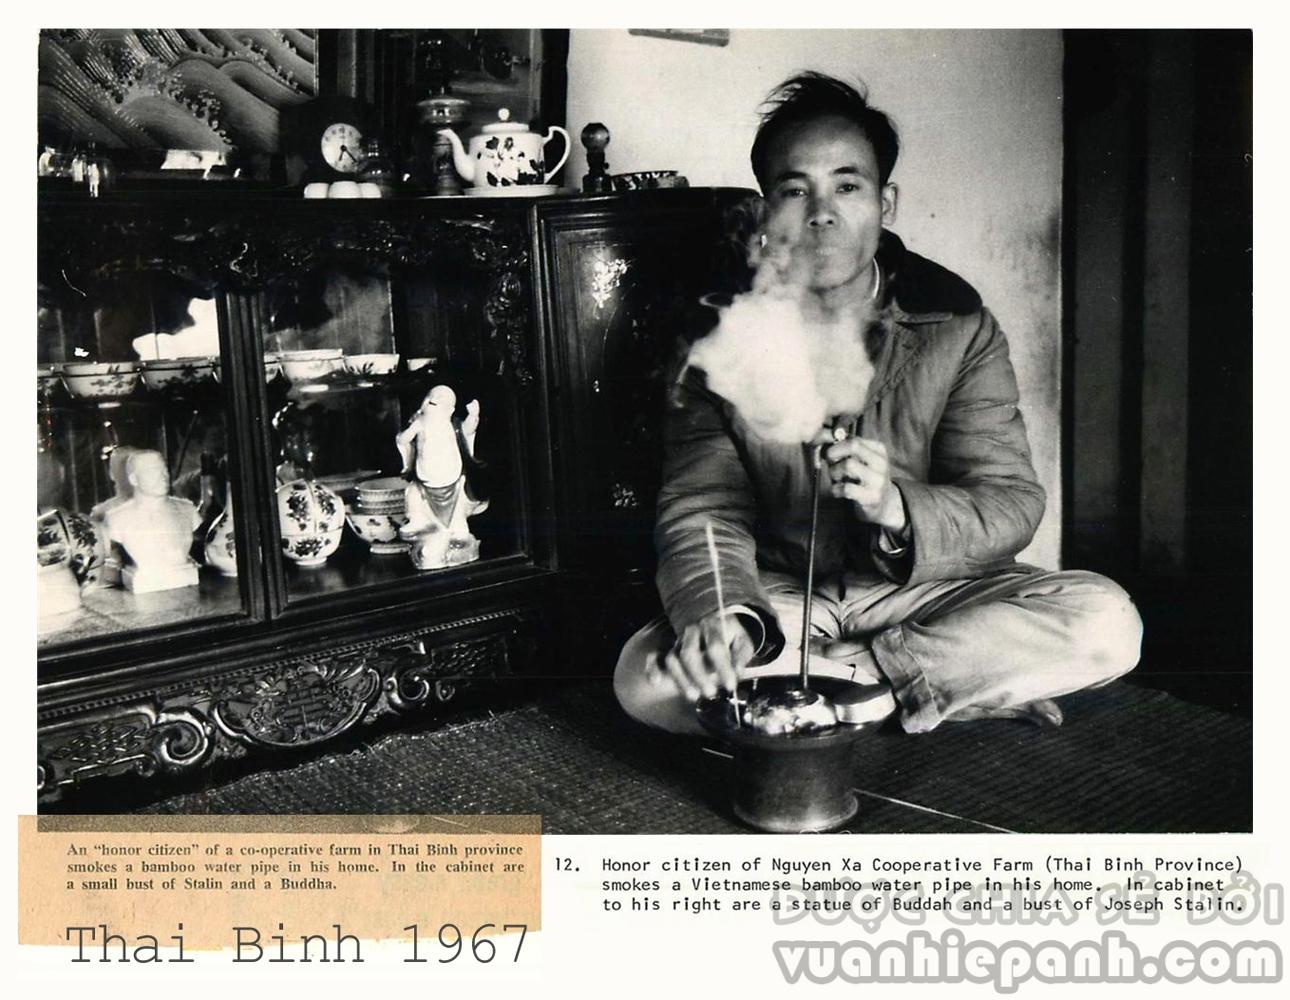 Thái Bình 1967- Xã viên tiên tiến hợp tác xã nông nghiệp xã Nguyên Xá (Vũ Thư, Thái Bình) hút thuốc lào tại nhà. Trong tủ là một tượng Phật và một tượng bán thân của Joseph Stalin. Ảnh: Lee Jonathan Lockwood/Black Star